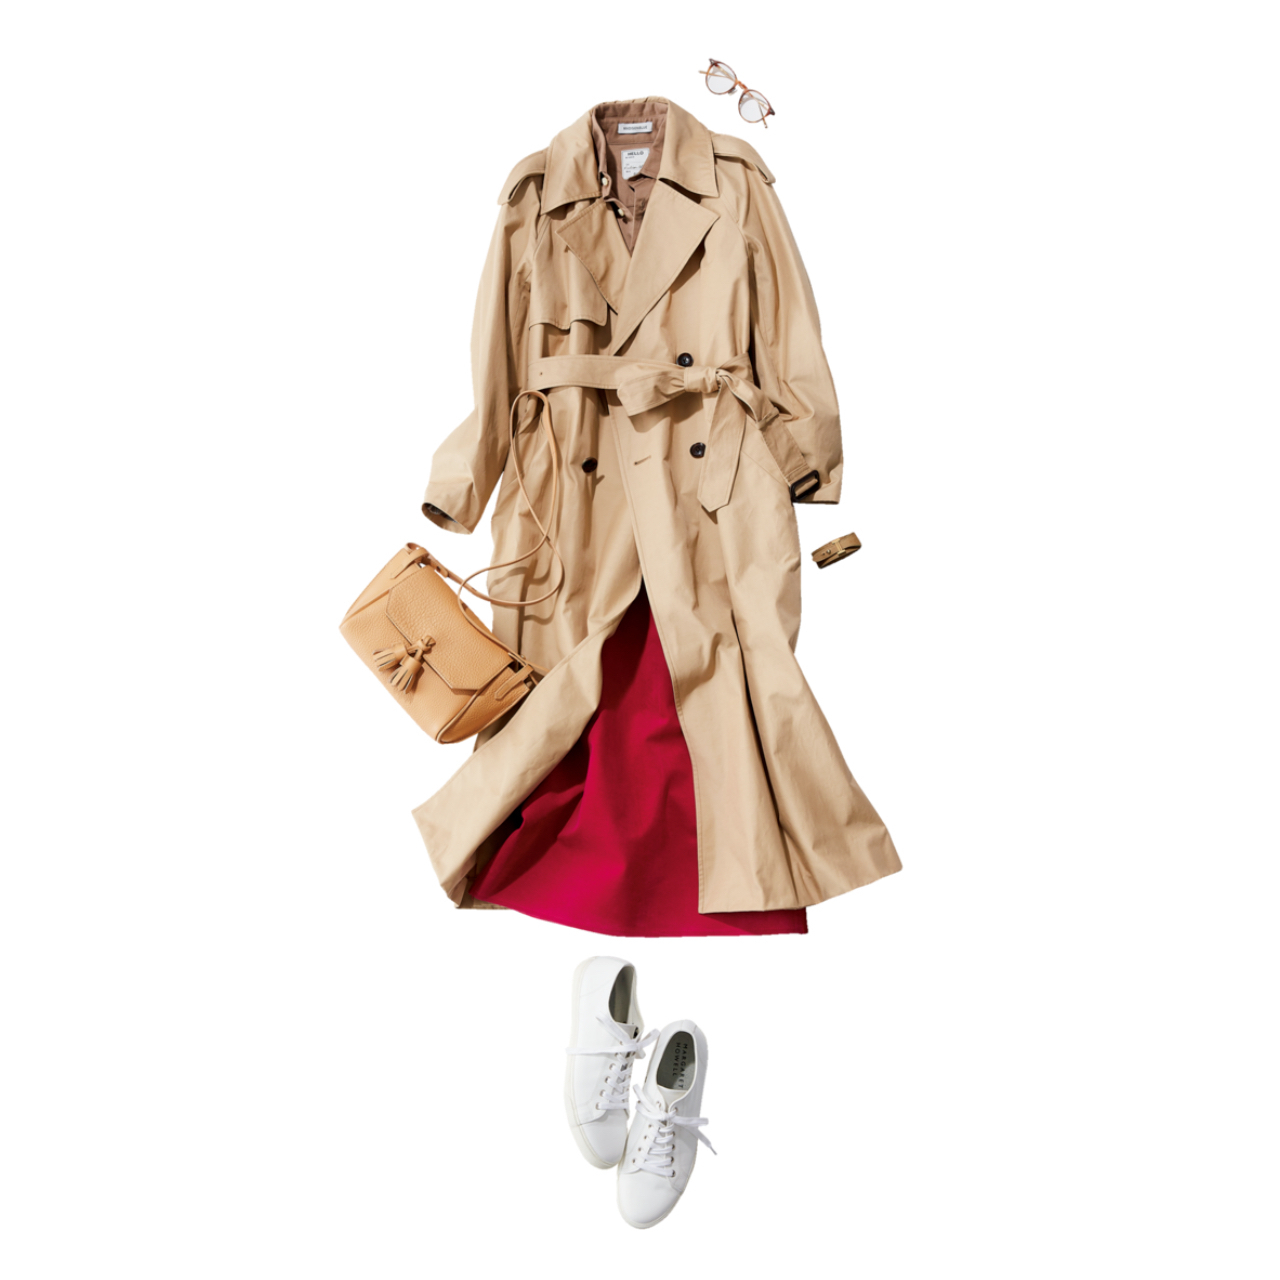 ベージュのトレンチコート×ピンクスカート&白スニーカーのファッションコーデ